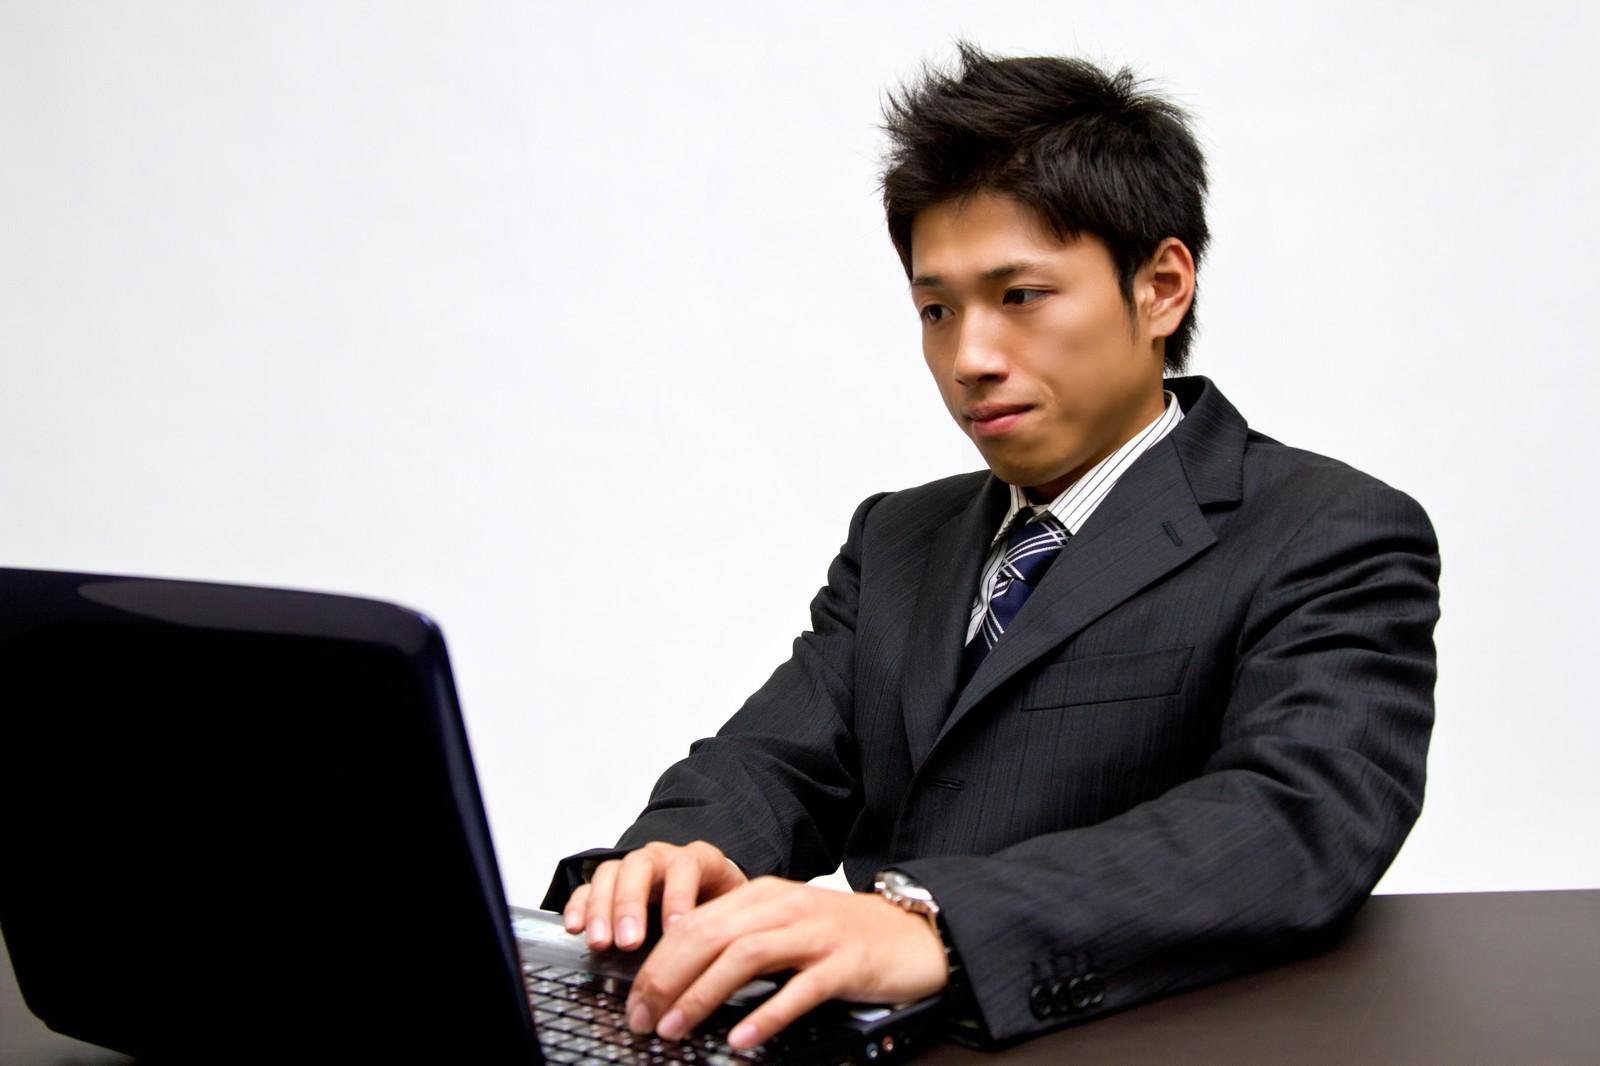 29歳は転職回数が2回目なら問題なし。20代のうちに転職するほうがメリットは大きい